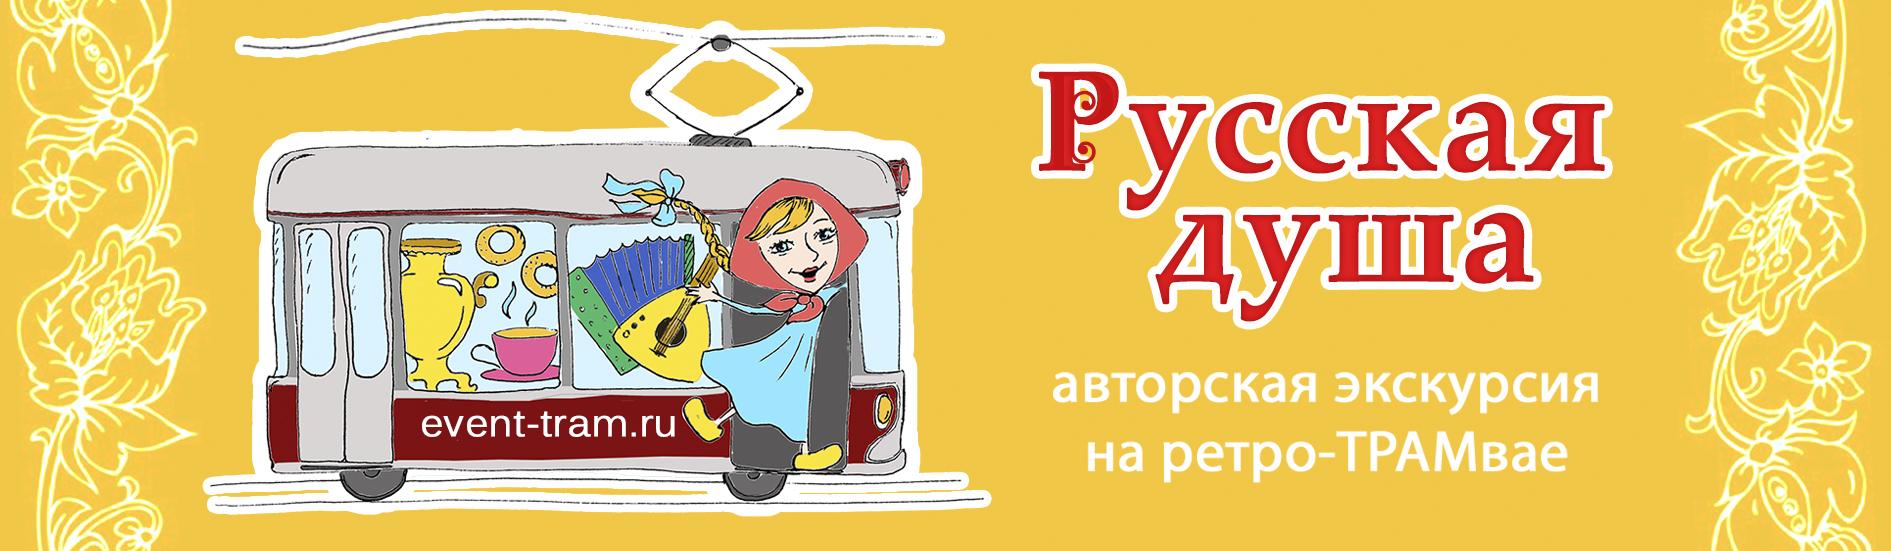 экскурсия на трамвае русская душа, обратно в ссср. необычные экскурсии по Санкт-Петербургу и Москве